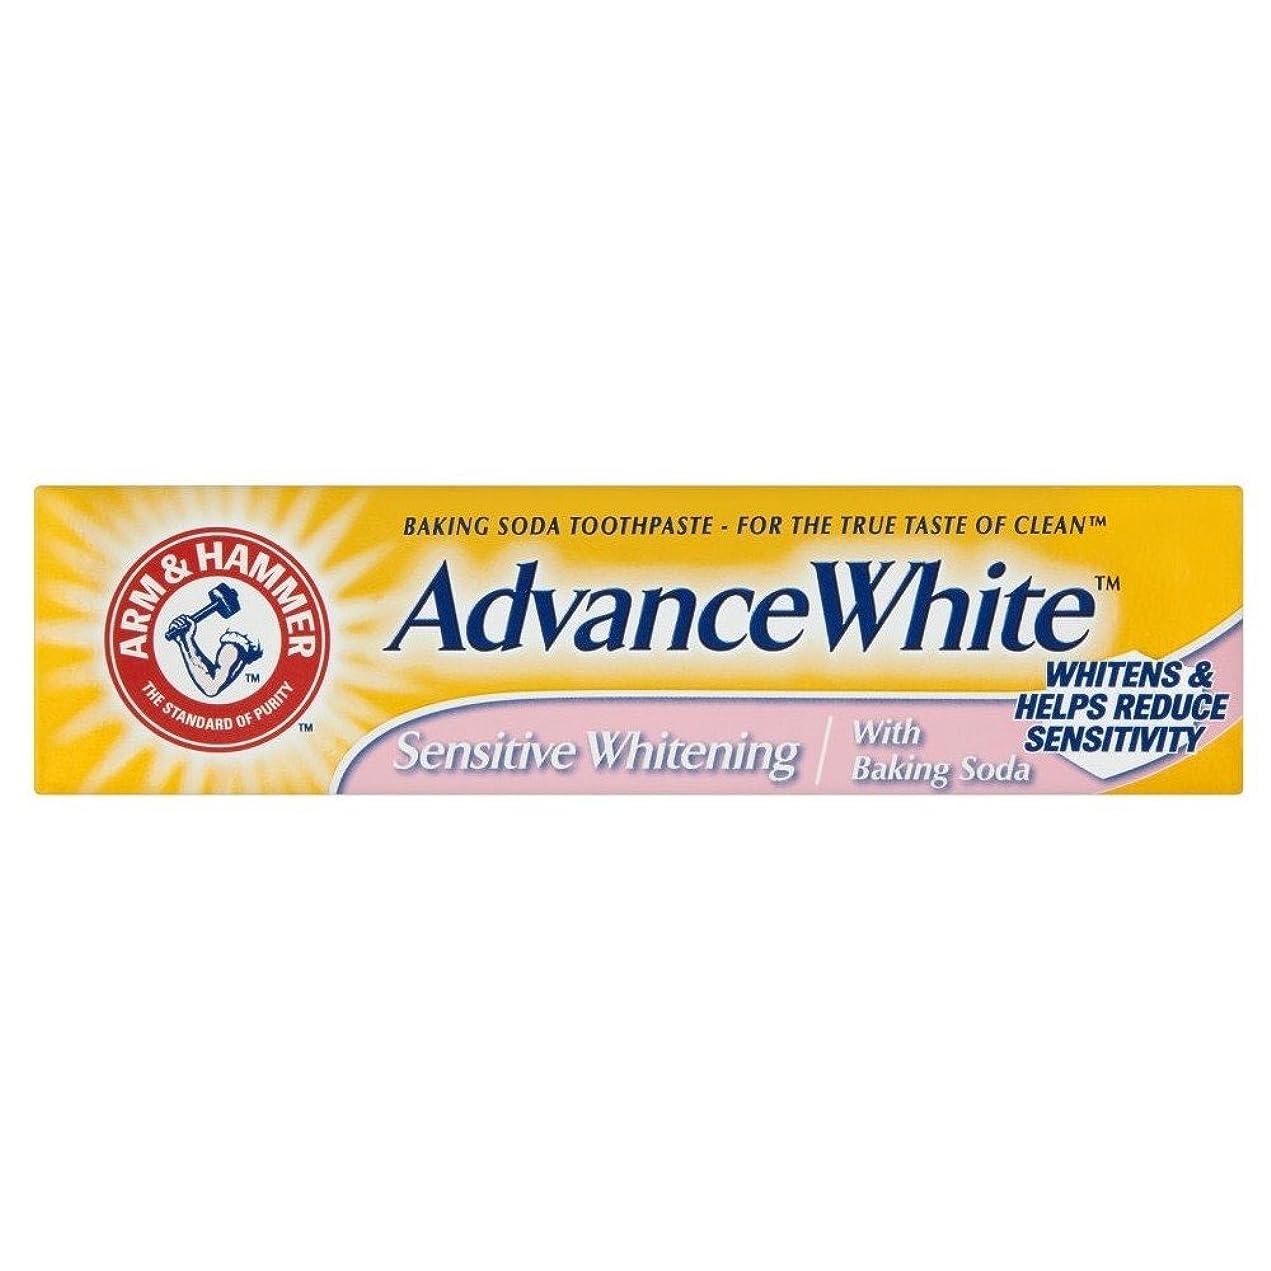 逃す合理的安心させるArm & Hammer Advanced White Sensitive Toothpaste (75ml) アームとハンマー高度な白敏感歯磨き粉( 75ミリリットル) [並行輸入品]